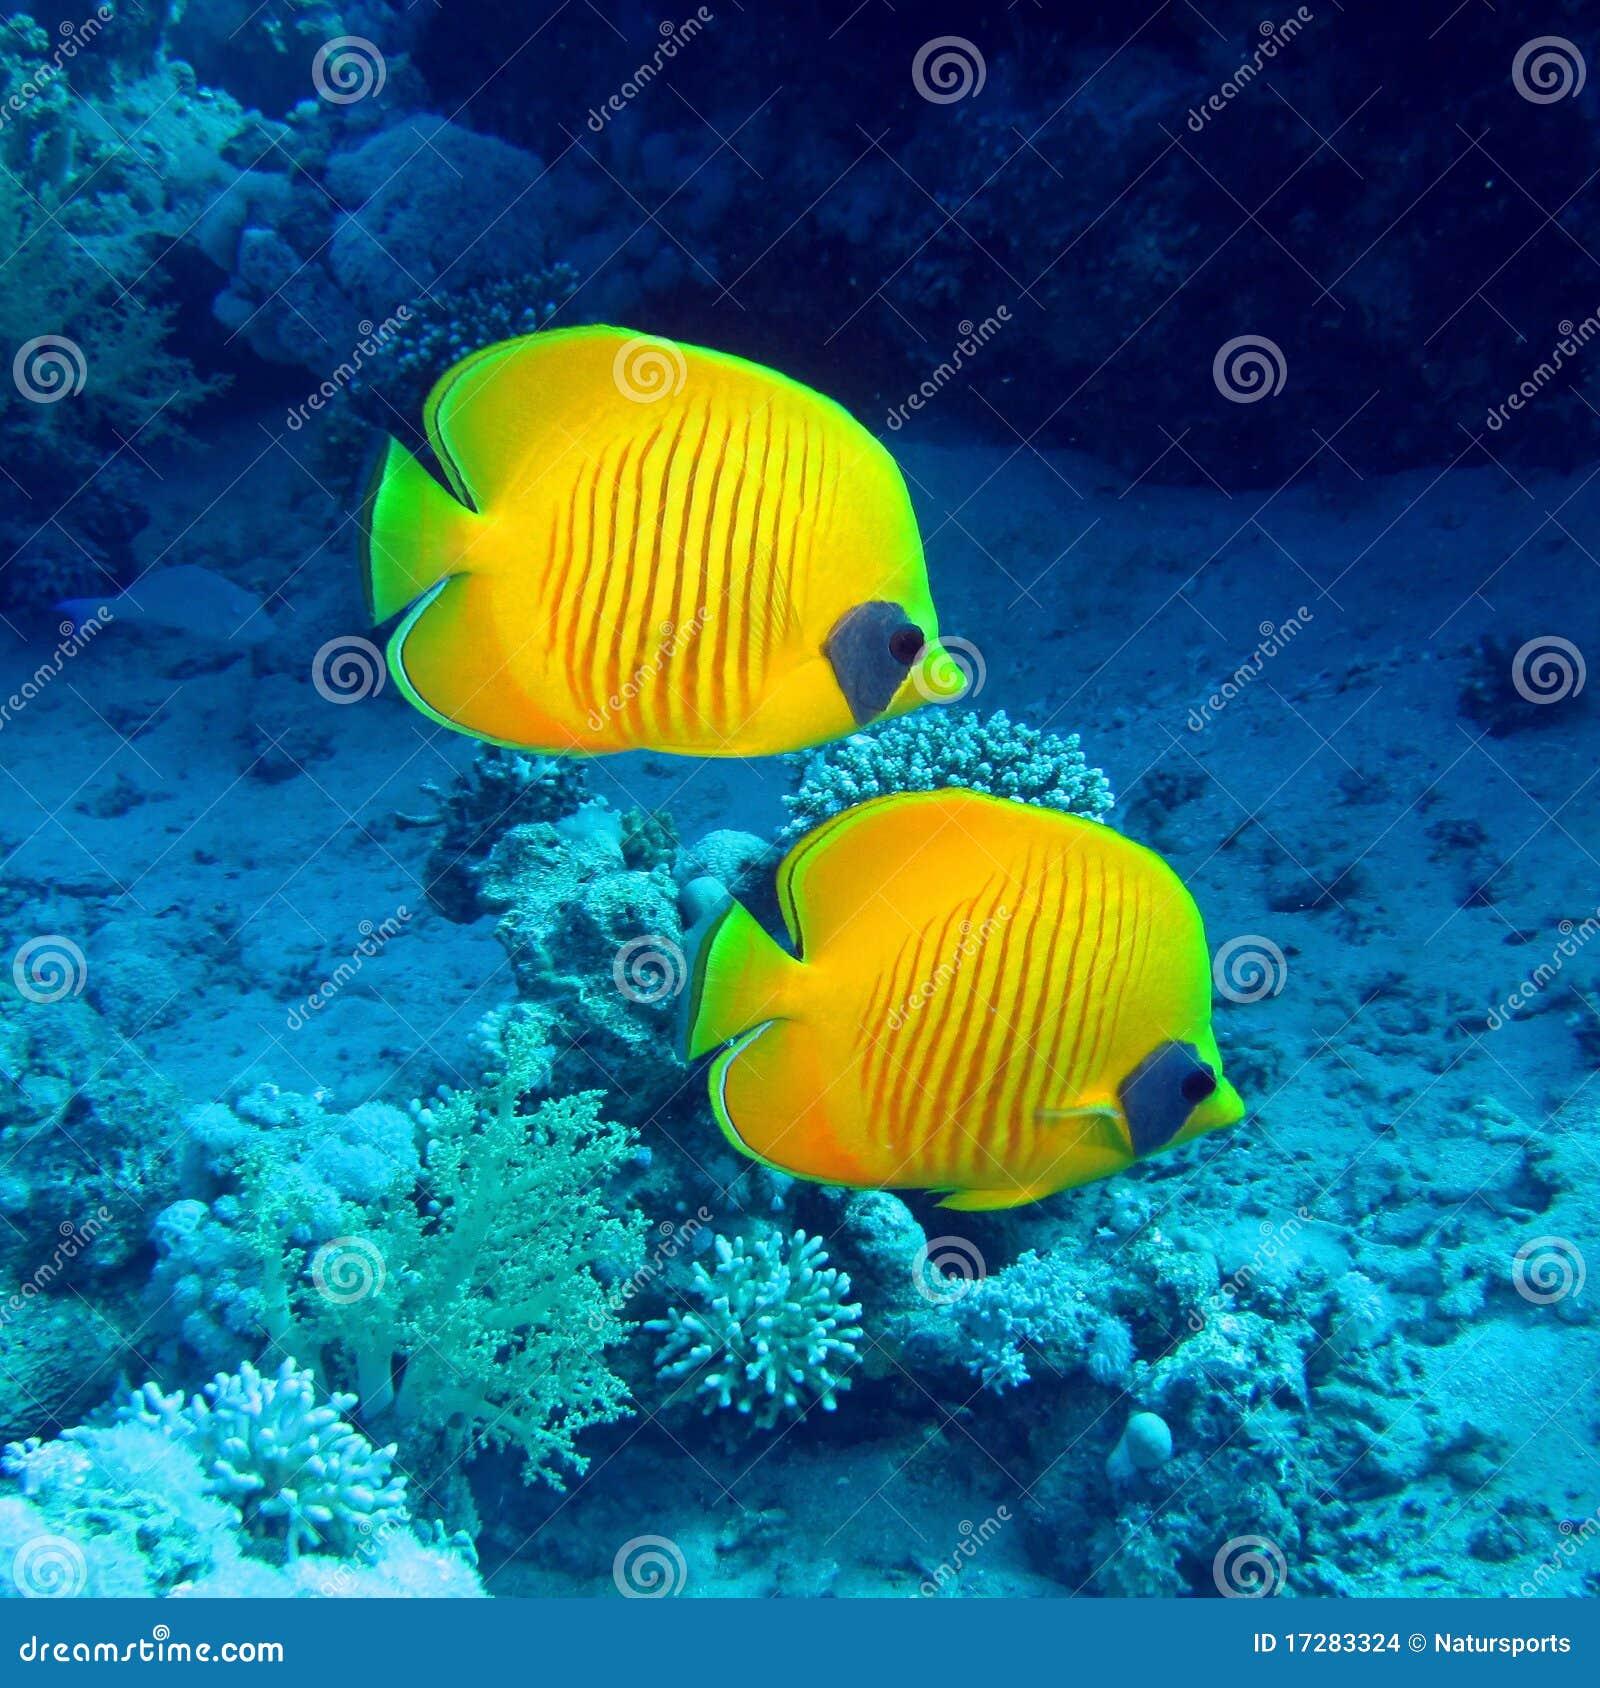 Basisrecheneinheitsfische